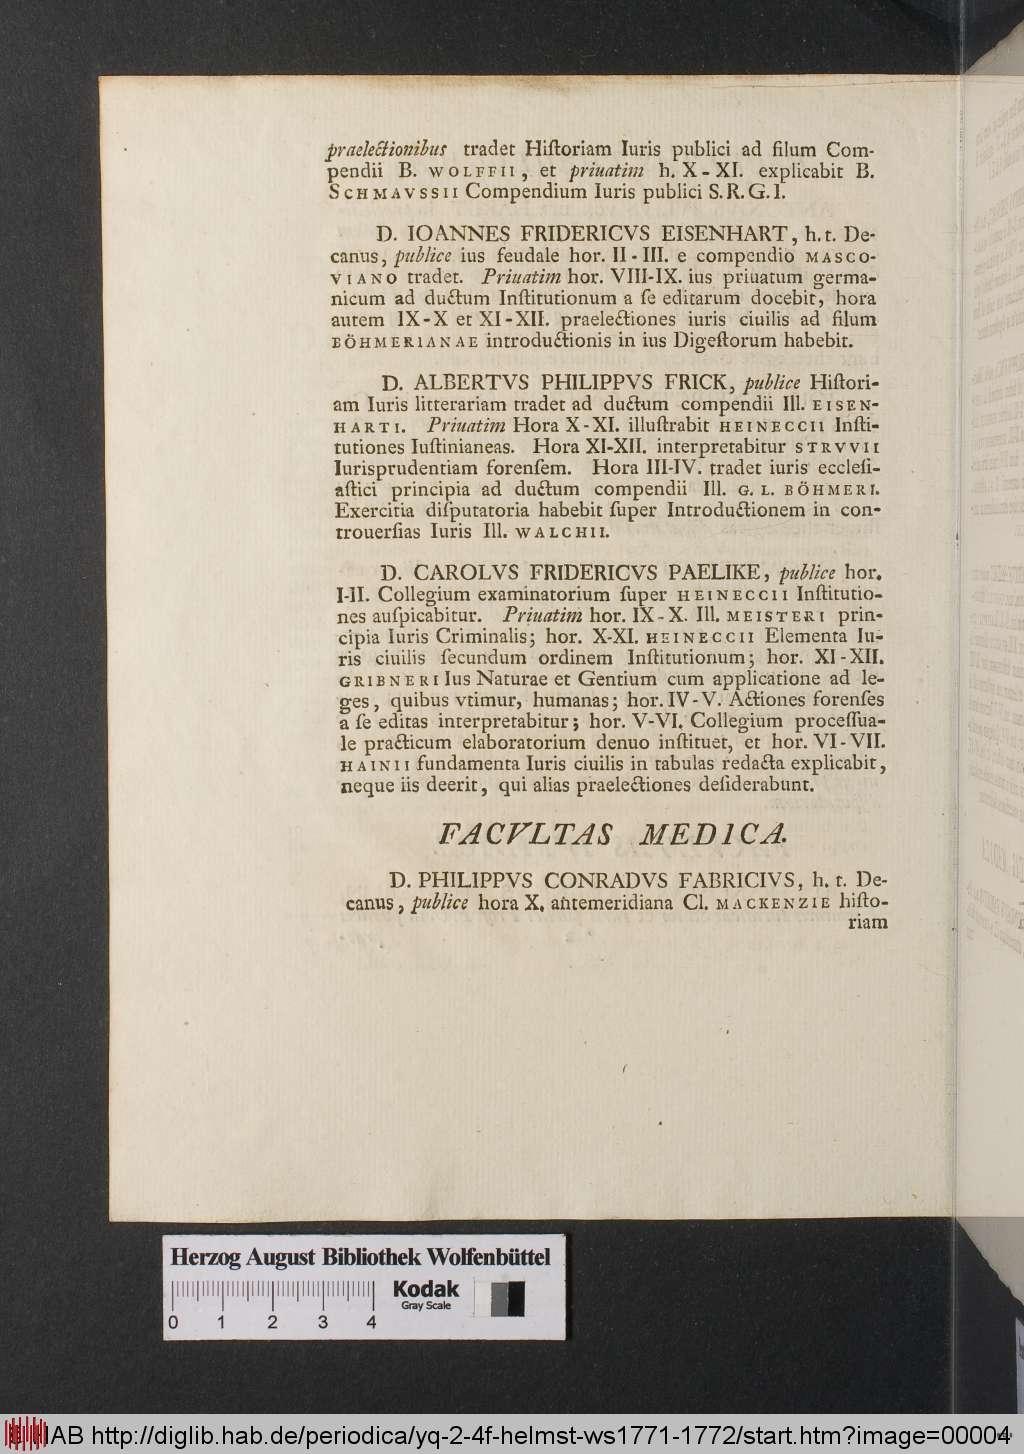 http://diglib.hab.de/periodica/yq-2-4f-helmst-ws1771-1772/00004.jpg